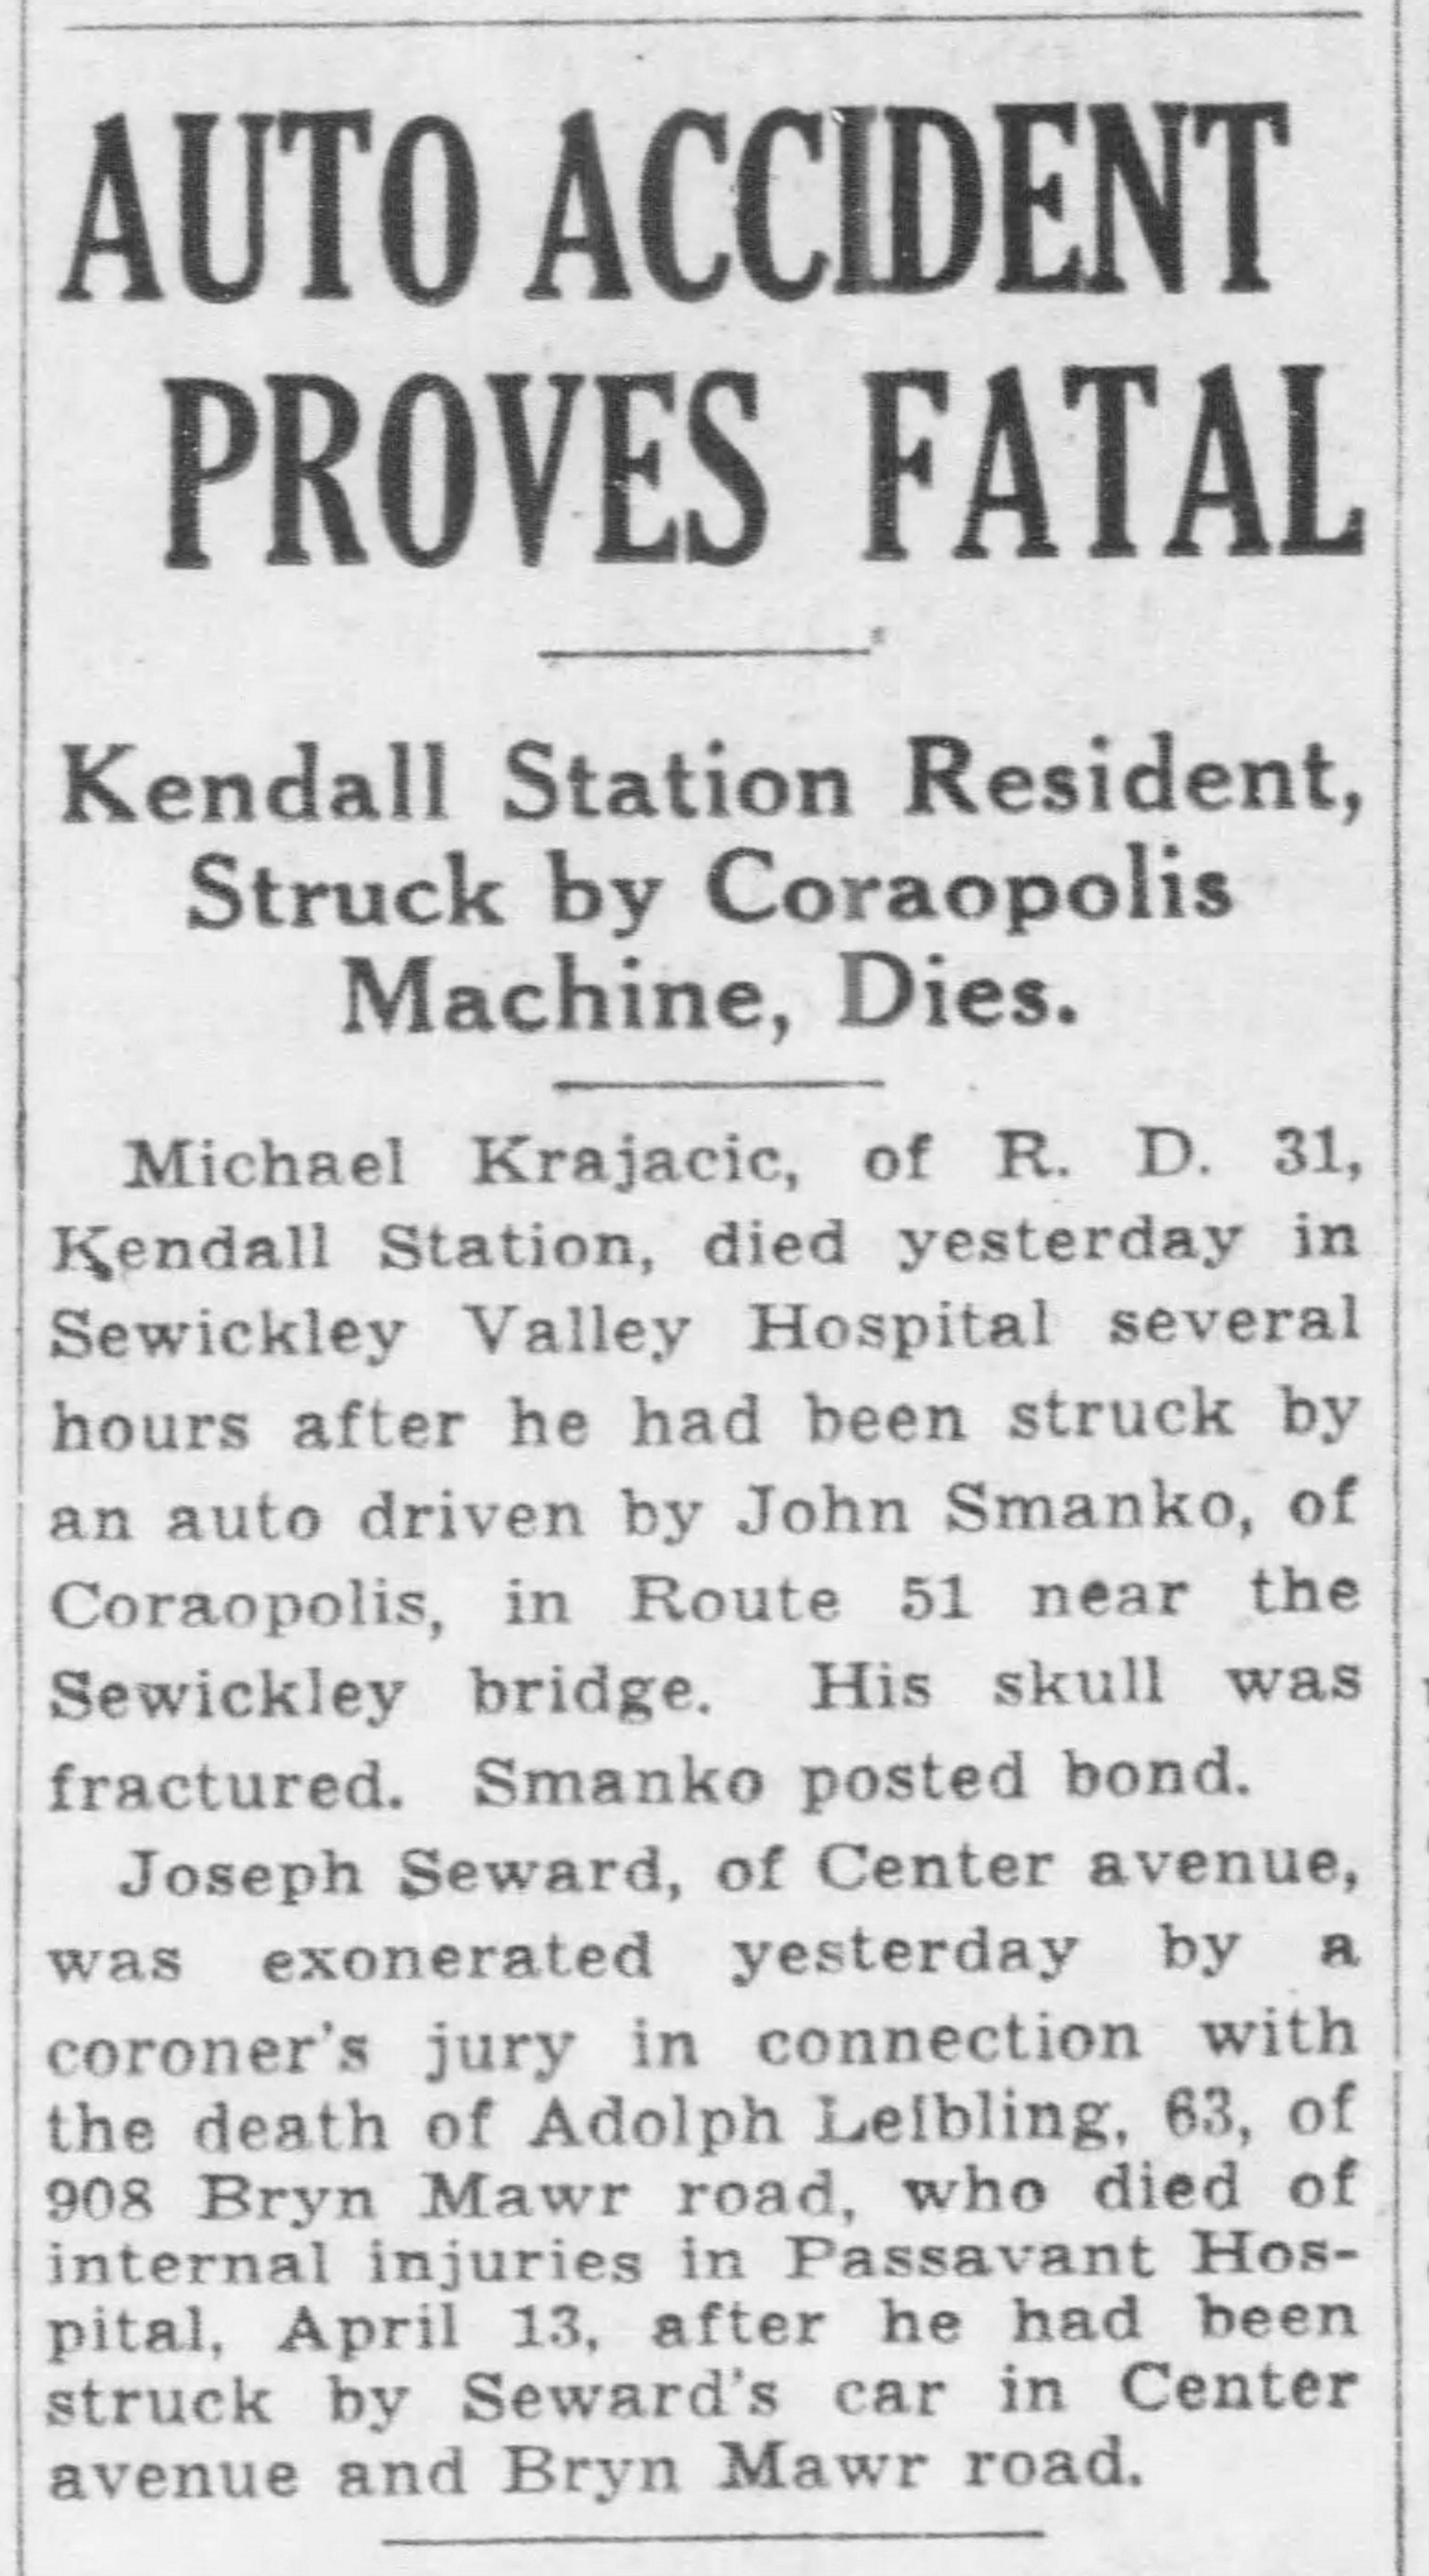 Pittsburgh Post Gazette, April 24, 1937